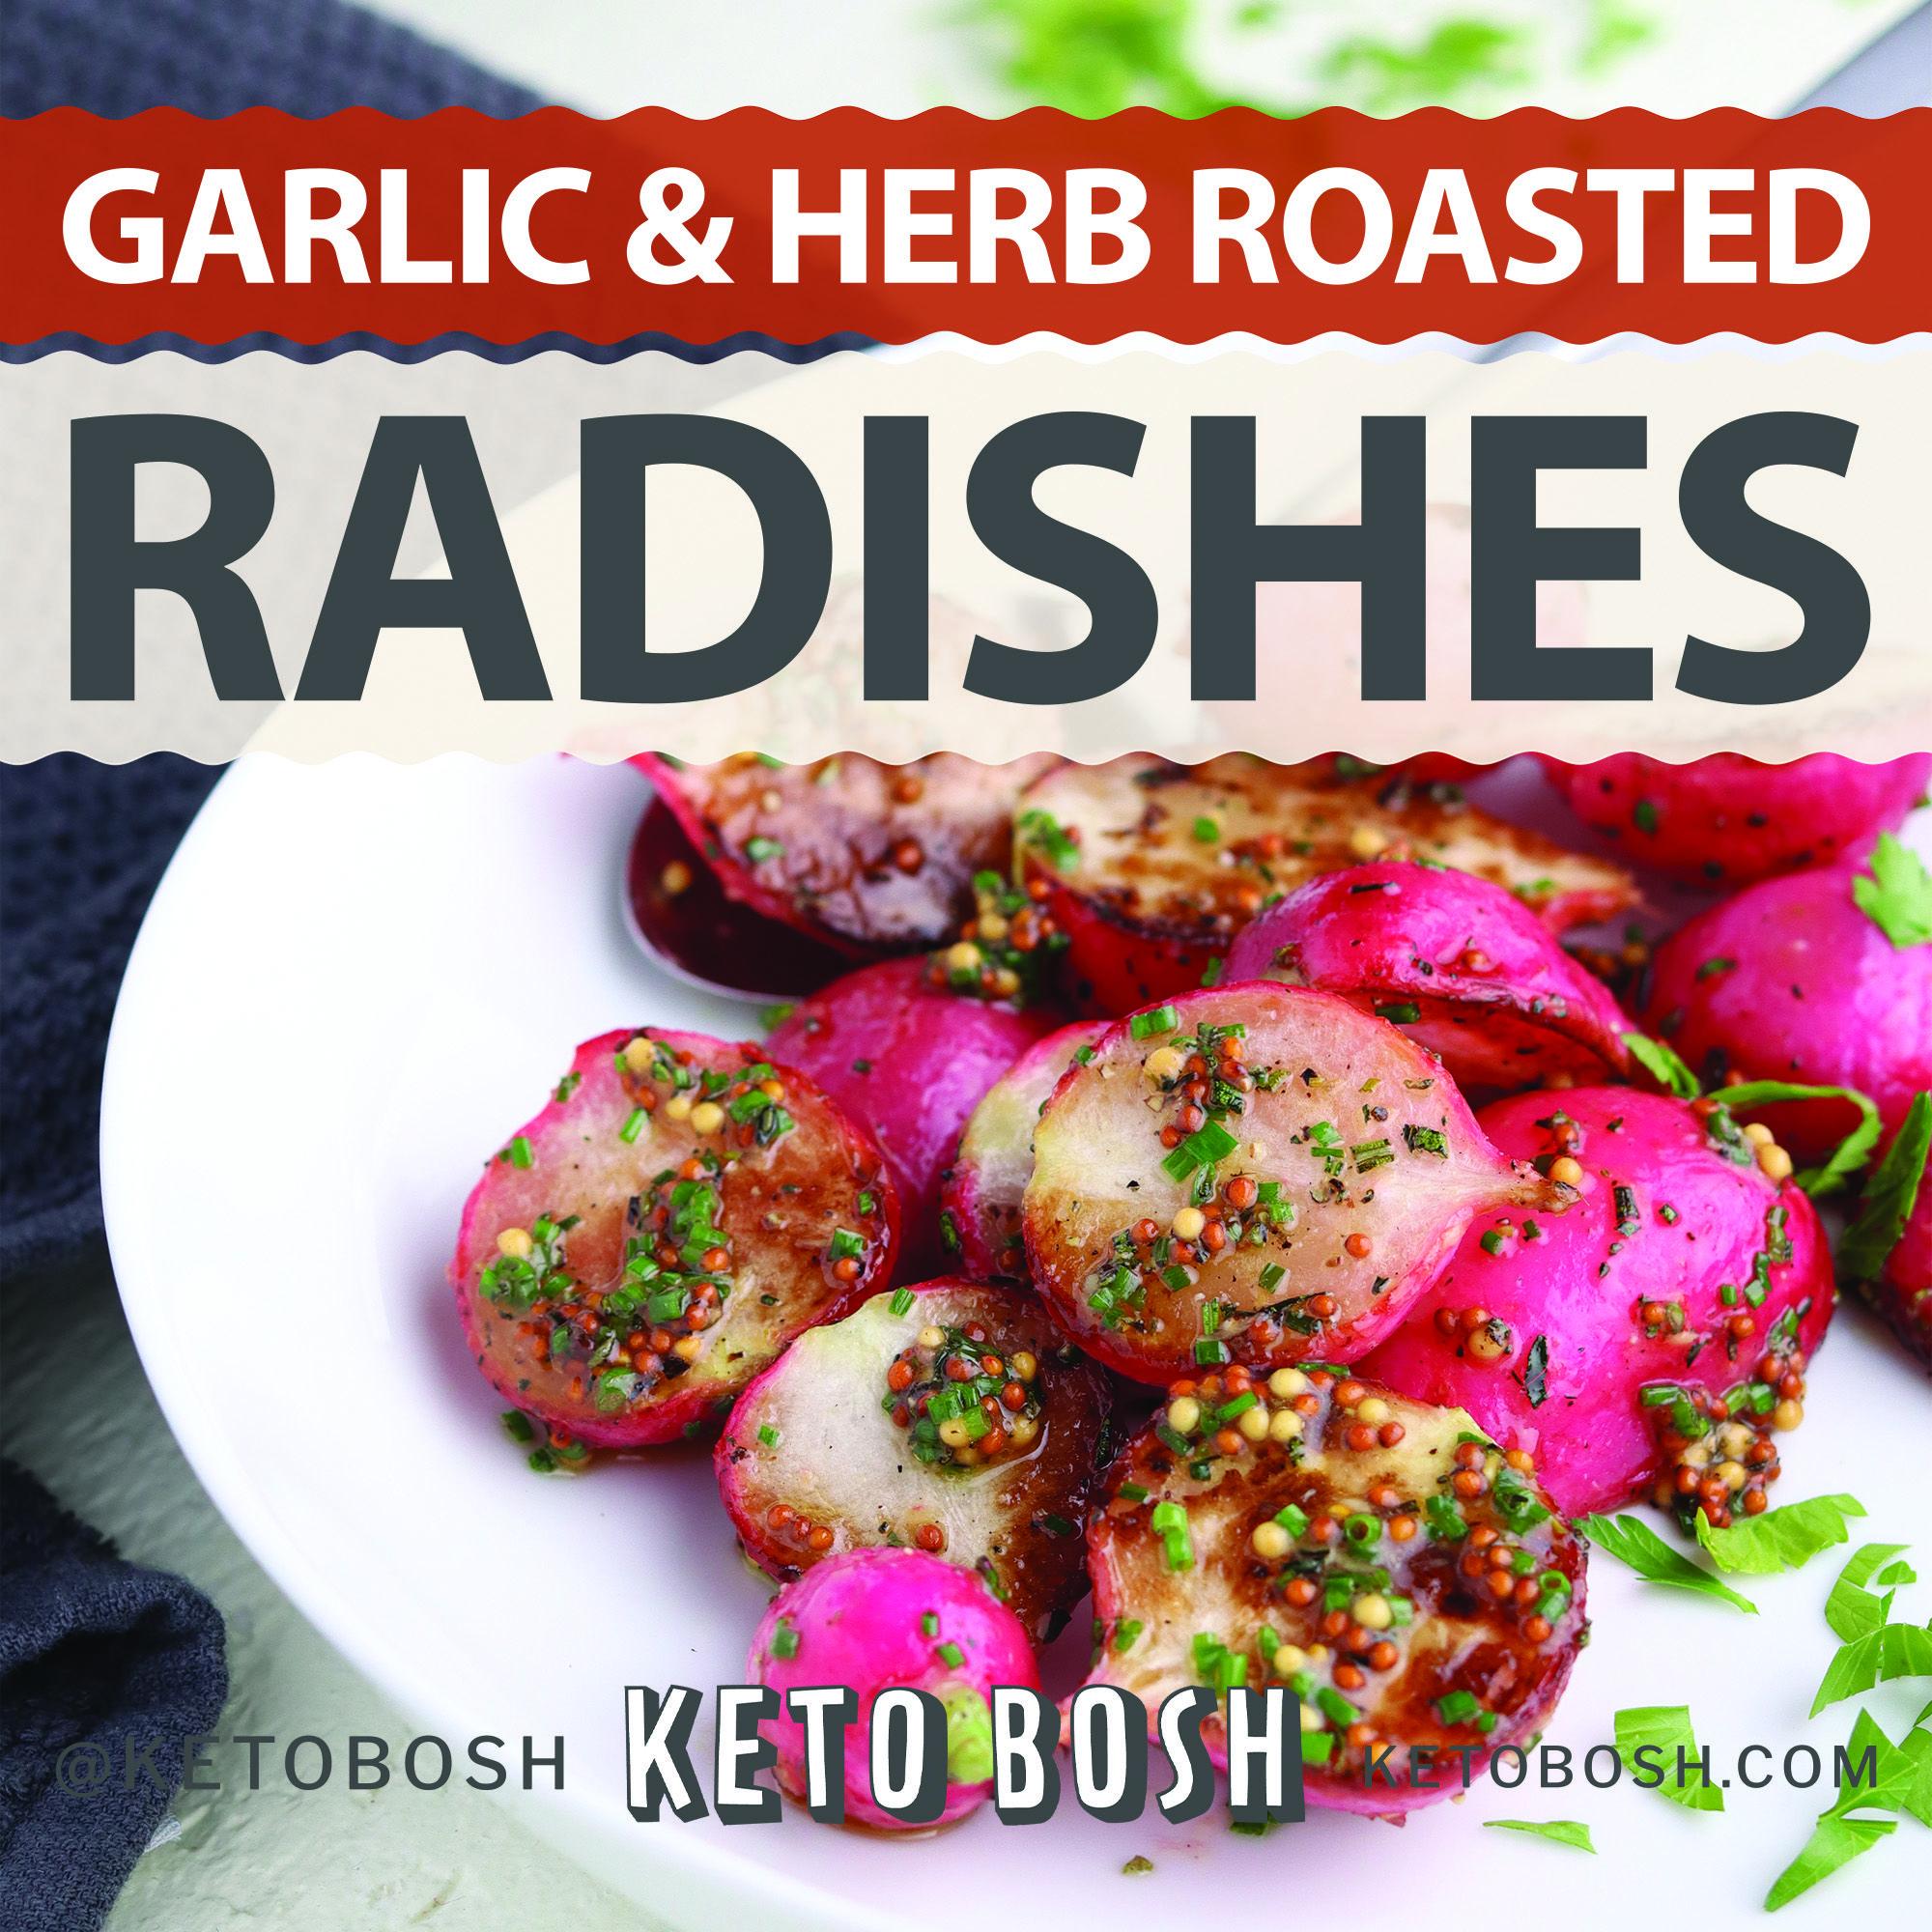 Garlic & Herb Roasted Radishes